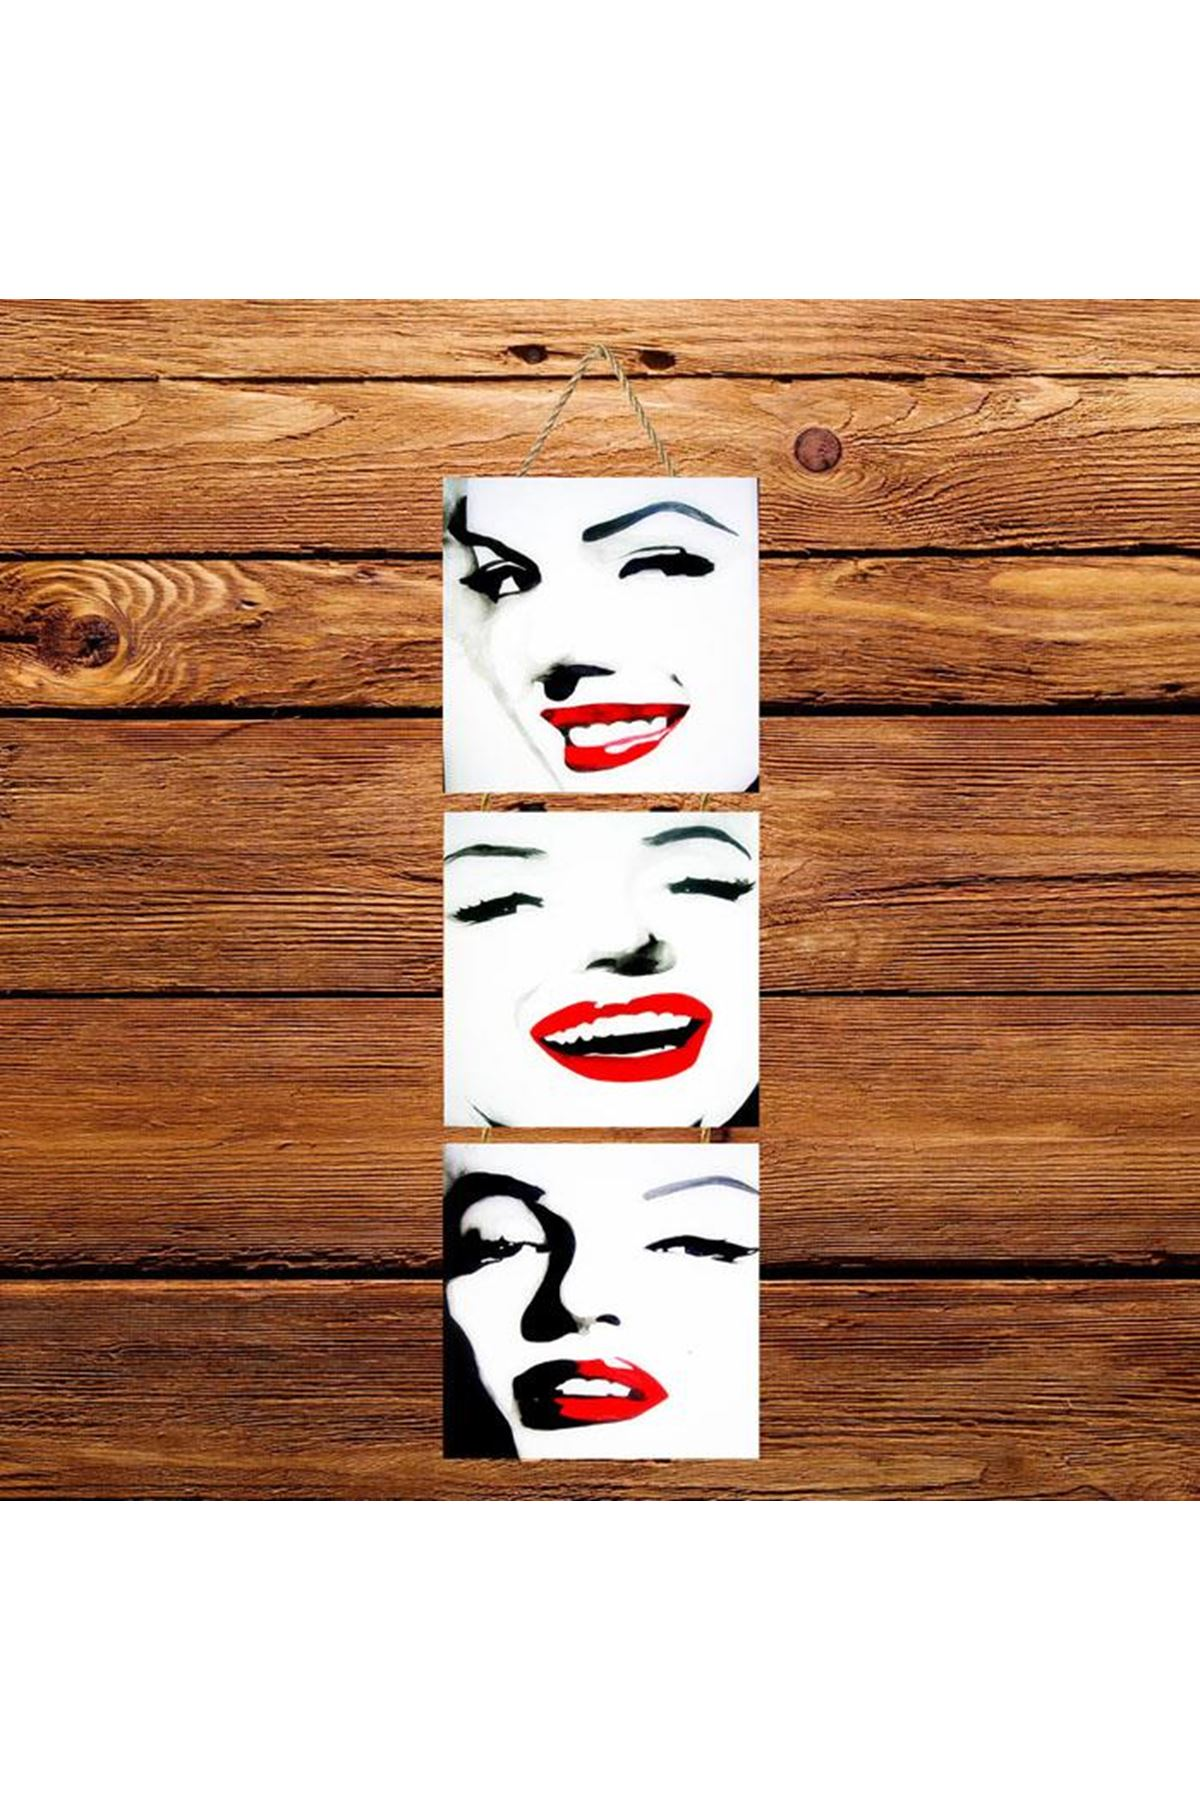 Marlyn Monroe Gülümseme  -  3'lü Kabartmasız Poster Kopyası Kopyası